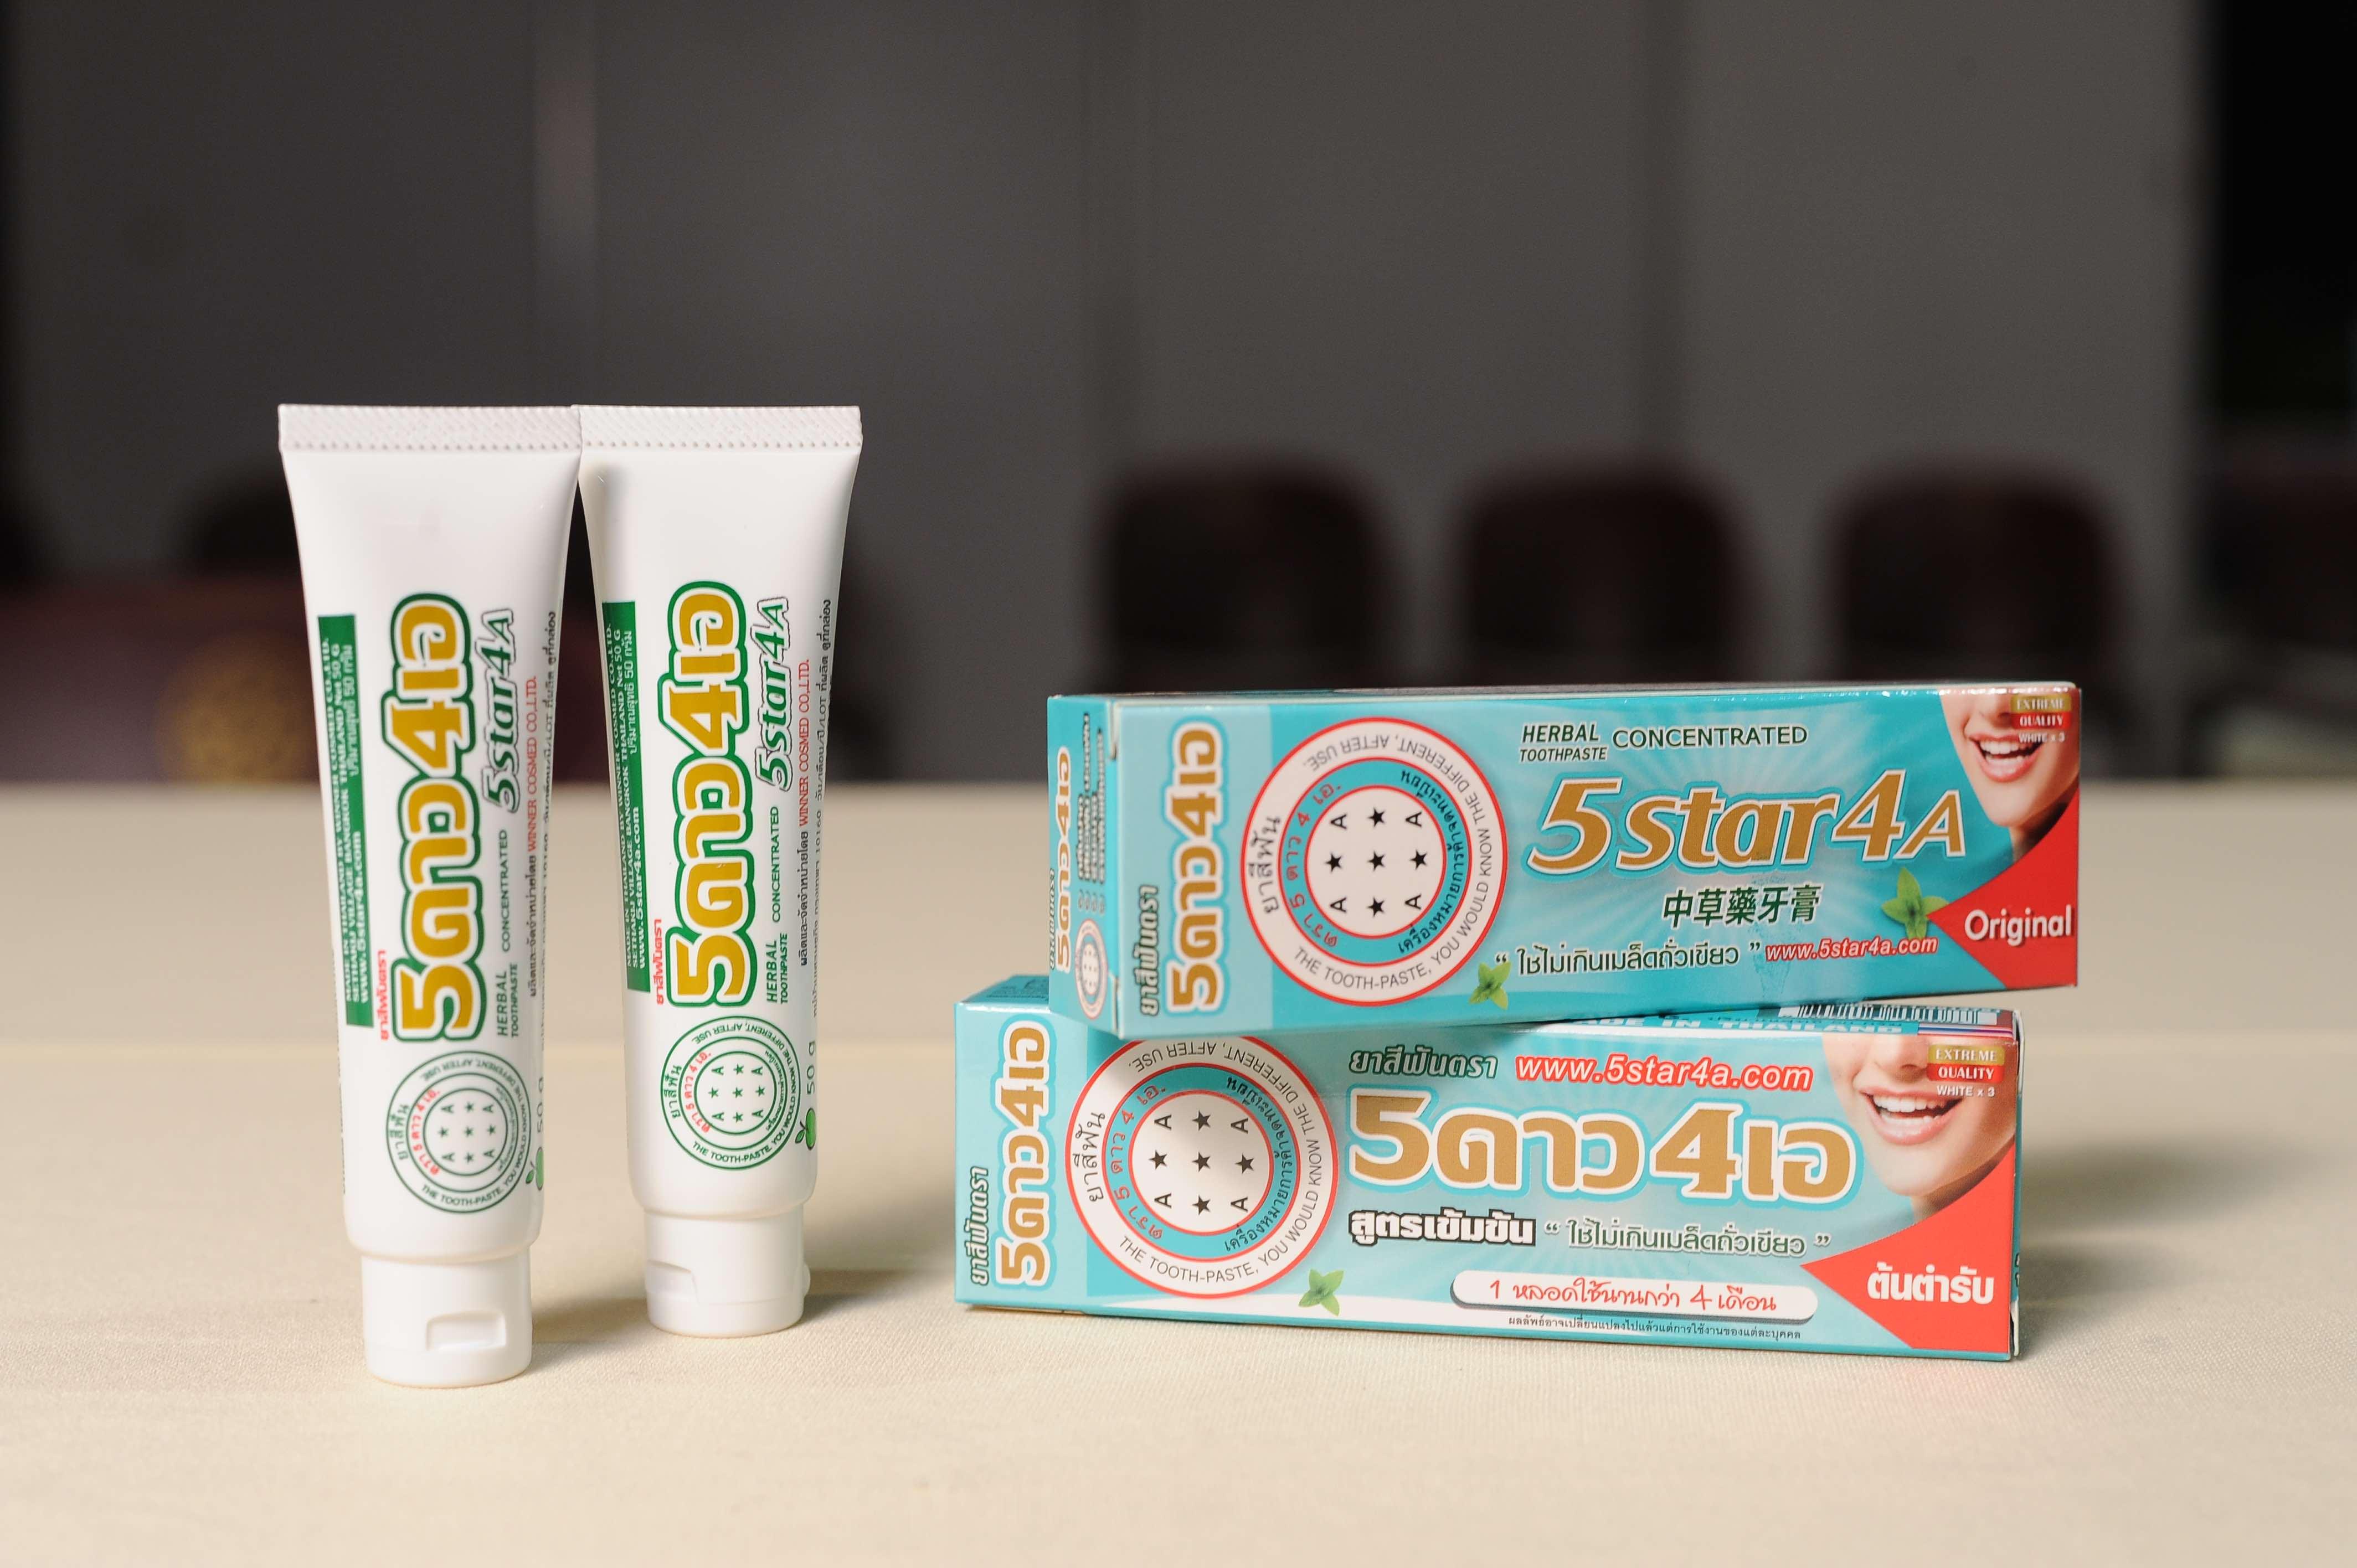 E00095 ยาสีฟัน 5 ดาว 4 เอ